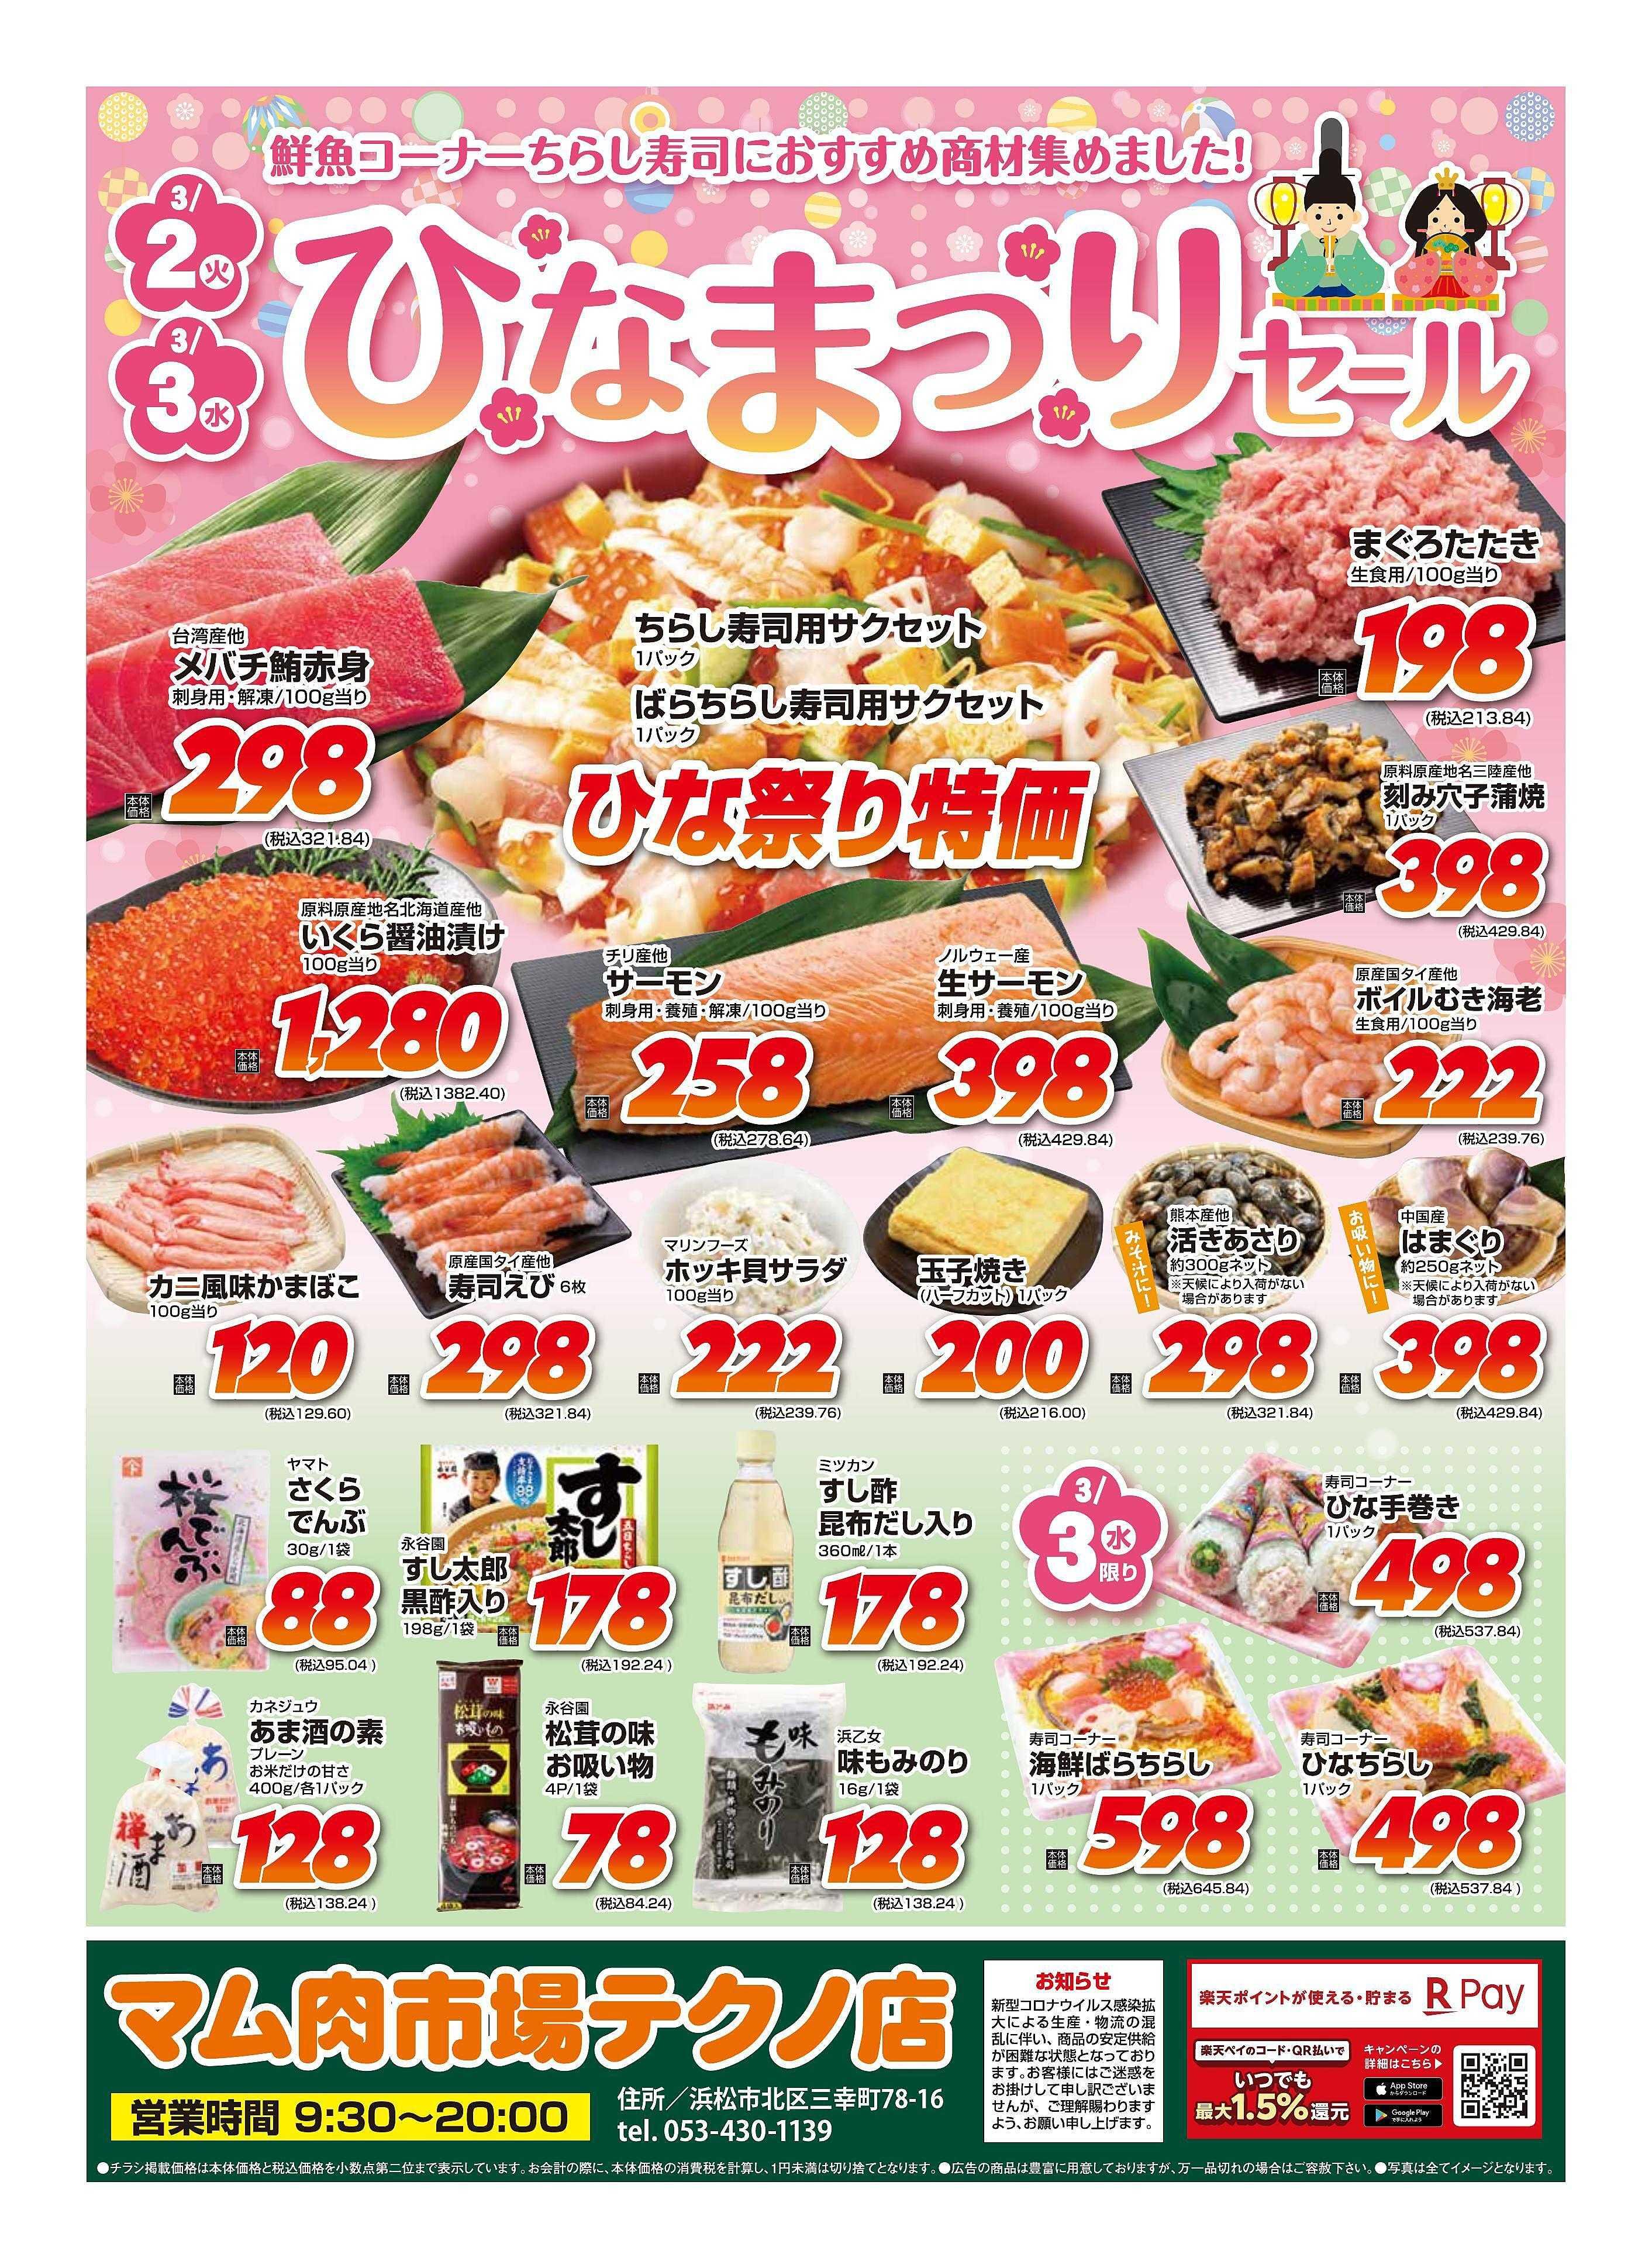 フードマーケット マム テクノ店 ひなまつりセール 3/2~3/3